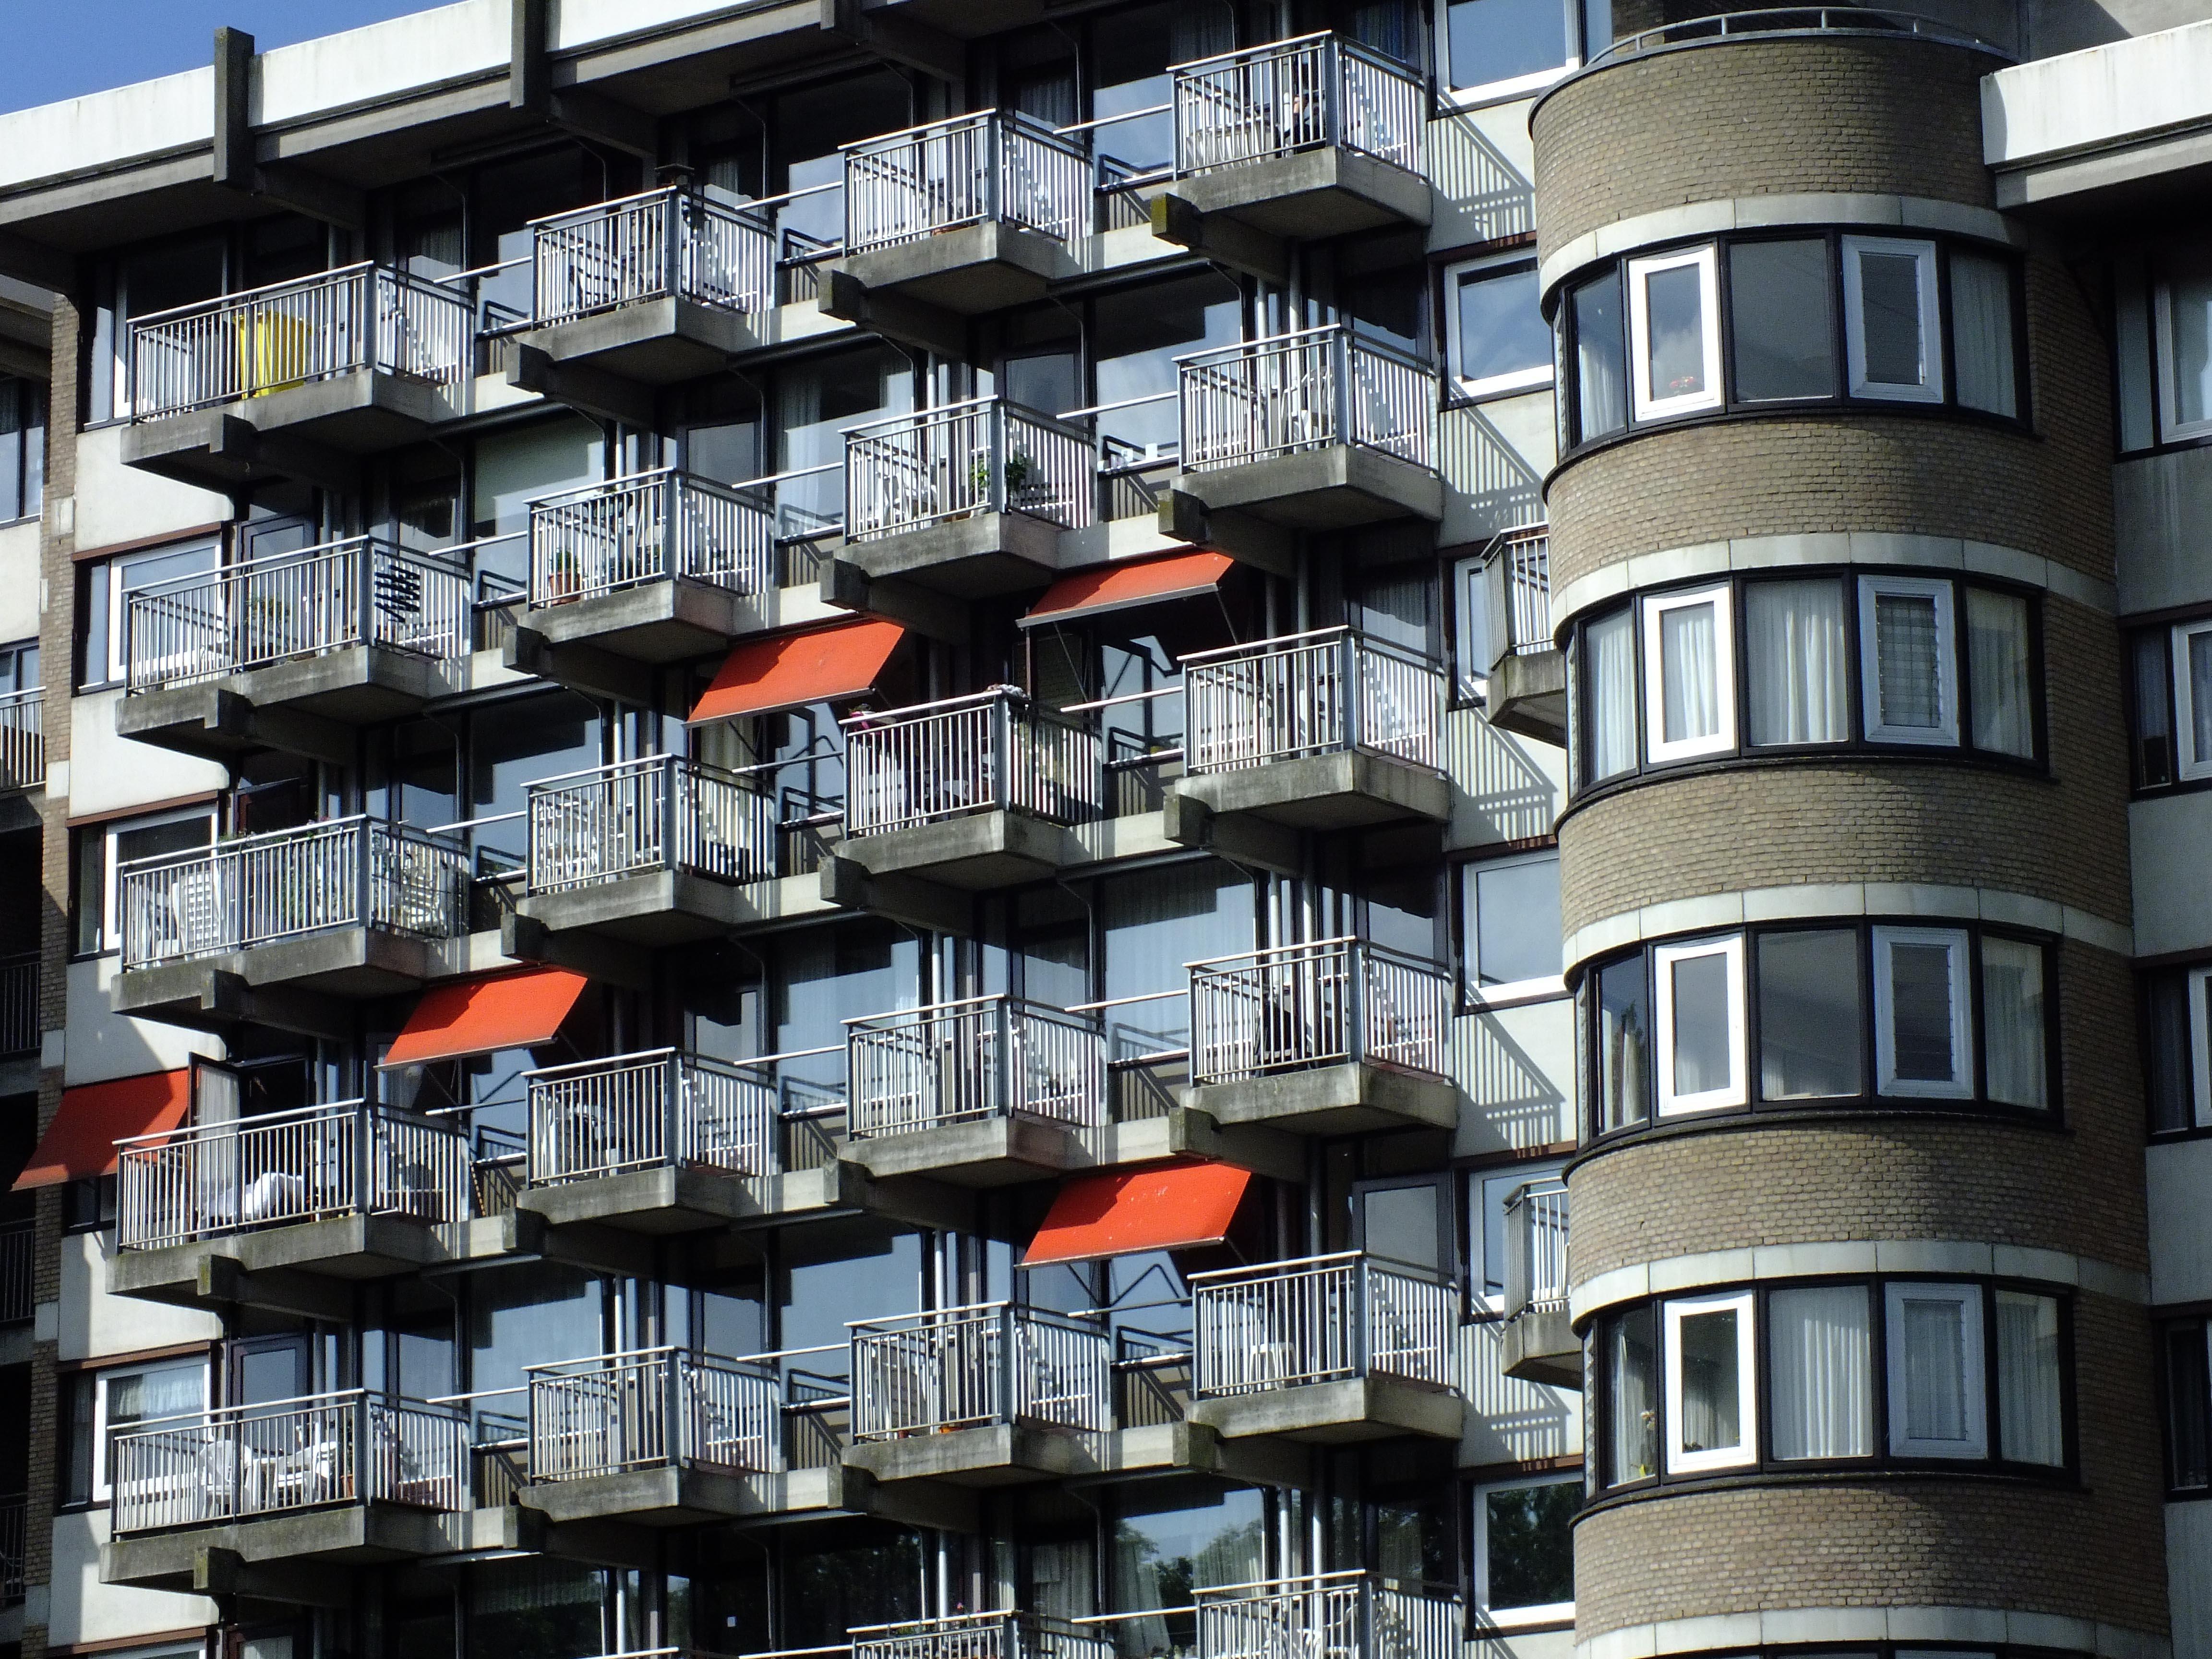 Foto van flatjes met balkonnetjes